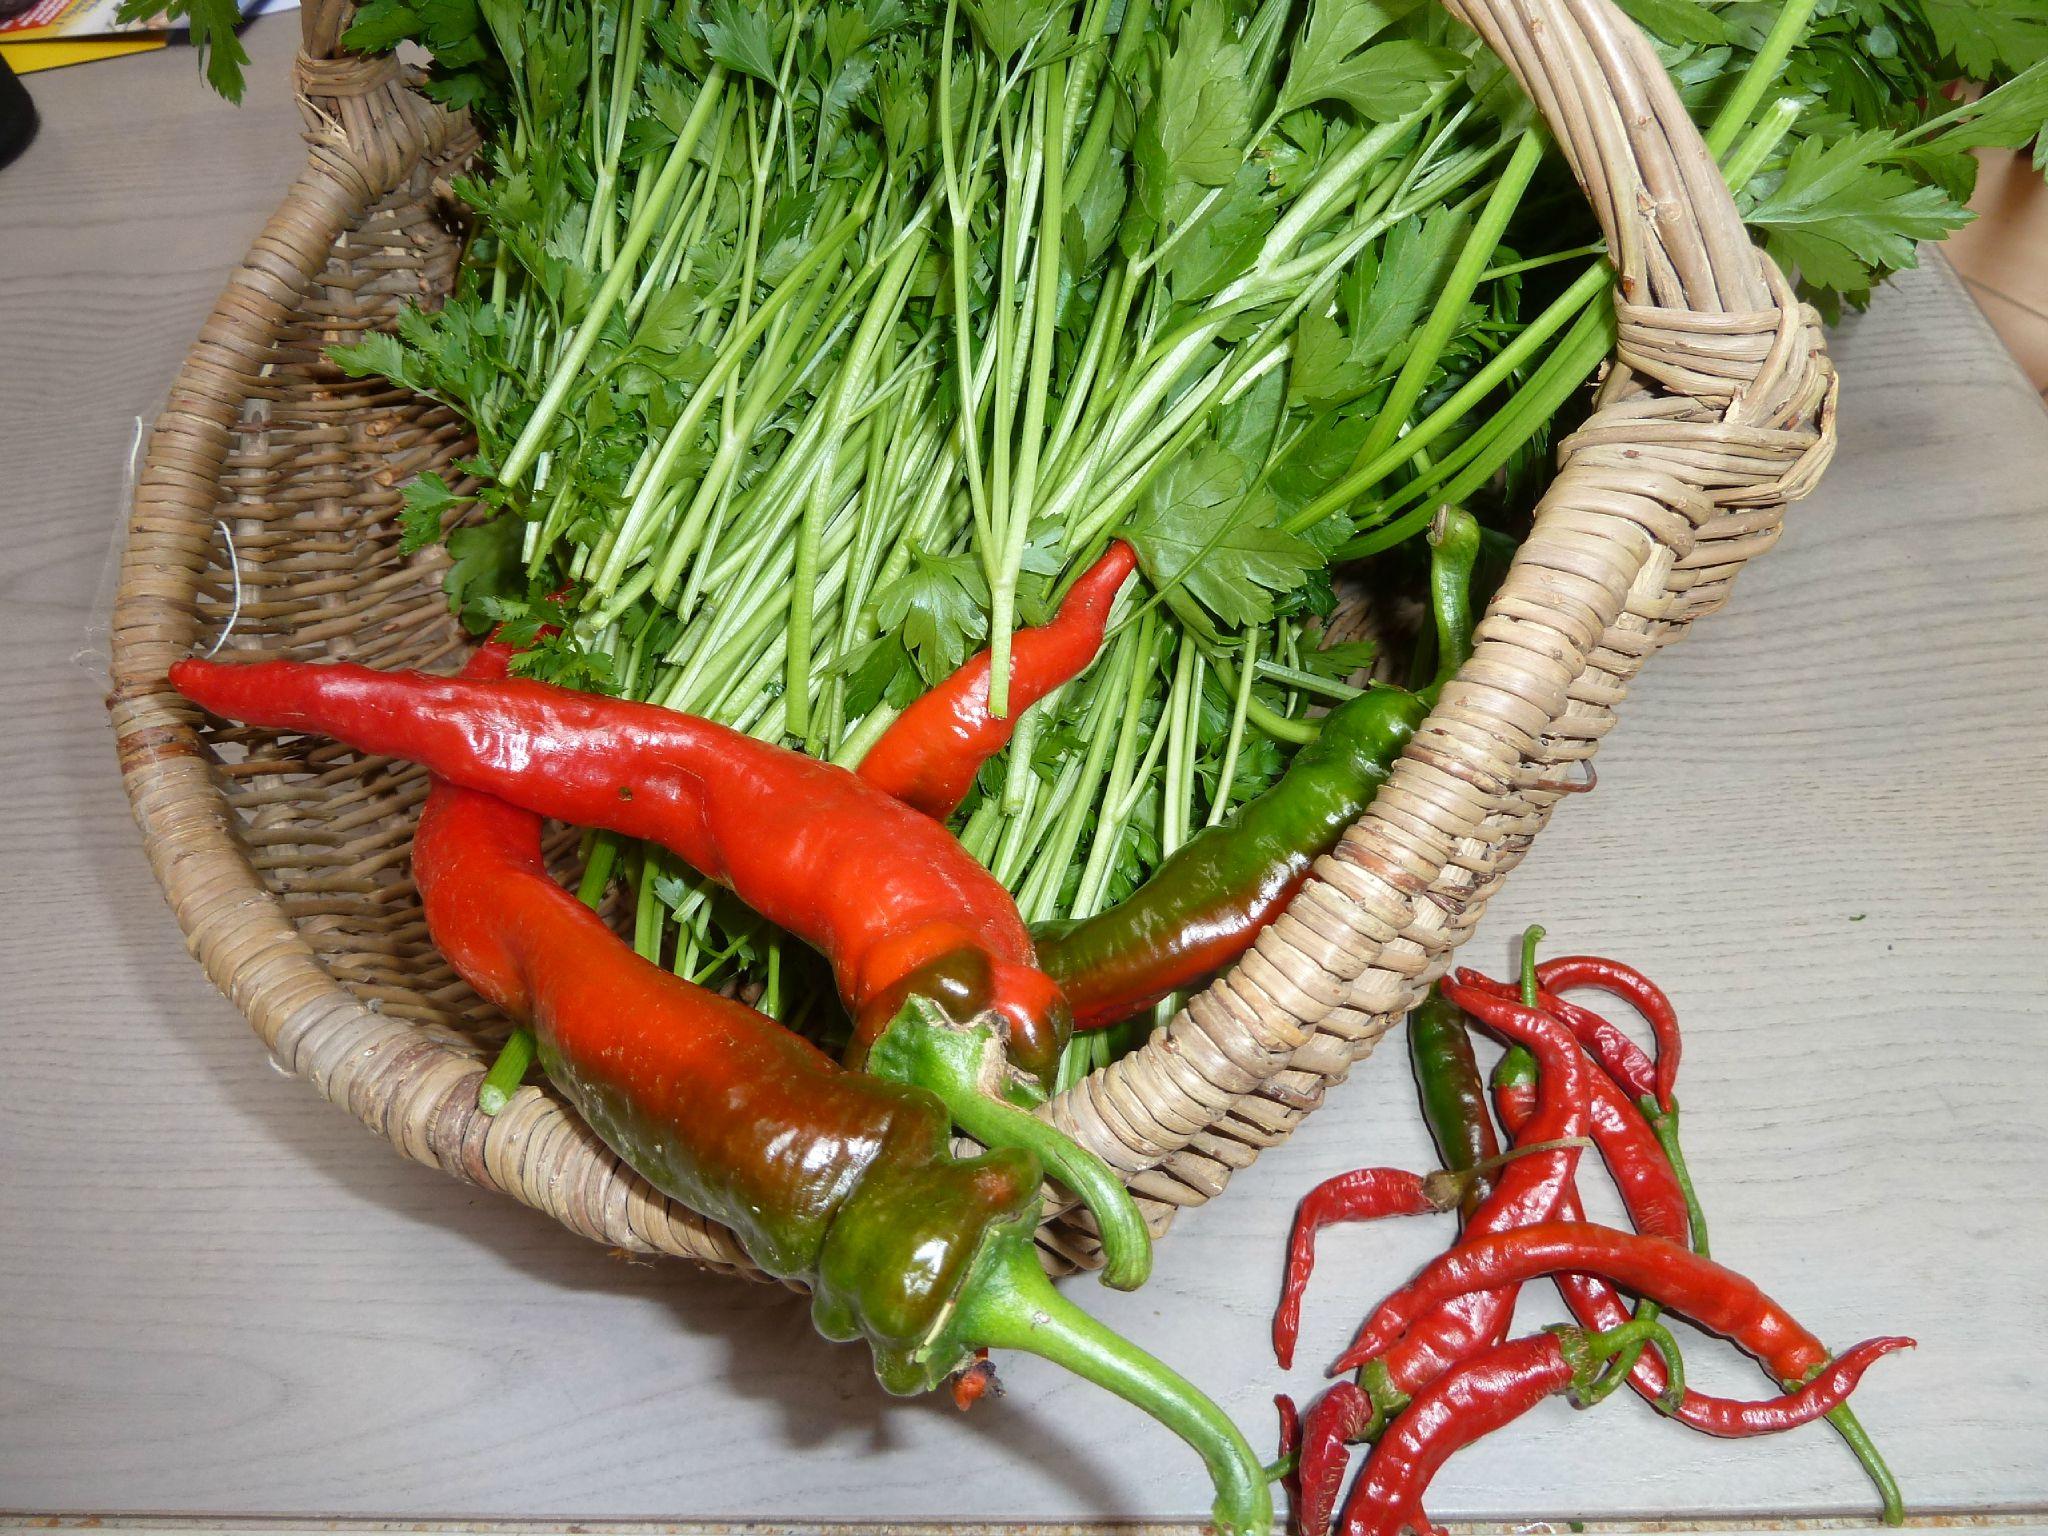 16-persil et piments www.passionpotager.canalblog.com